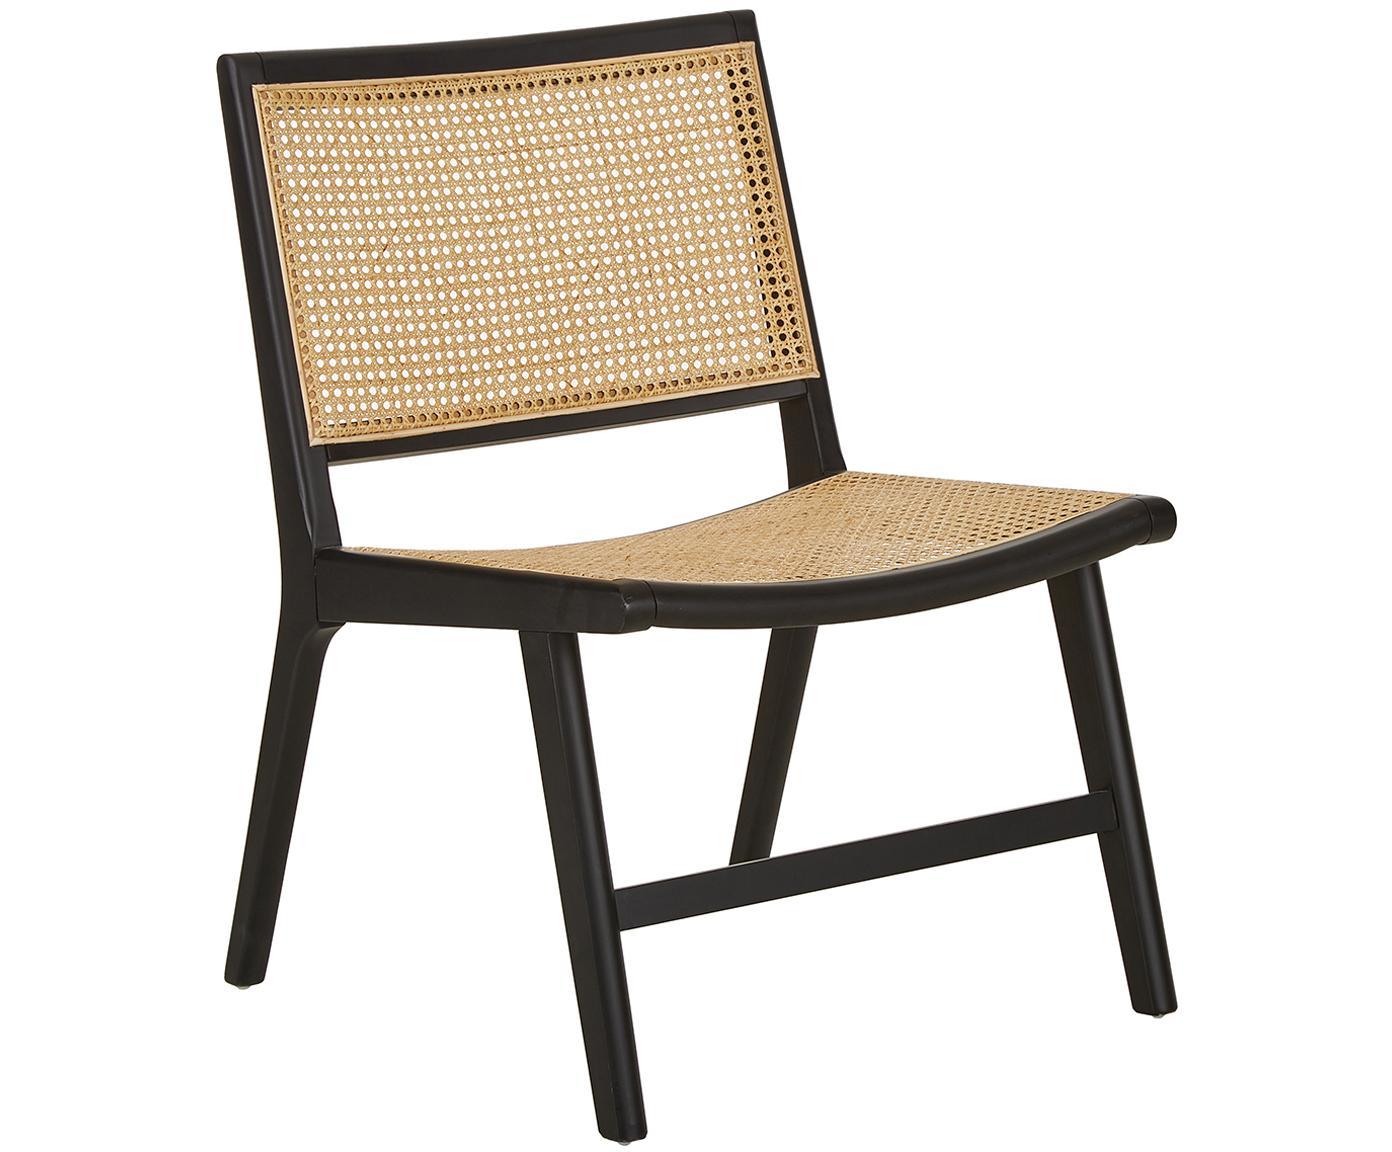 Loungefauteuil Franz met Weens vlechtwerk, Zitvlak: rotan, Frame: massief gelakt berkenhout, Zitvlak: rotan. Frame: zwart, gelakt, B 57 x D 66 cm